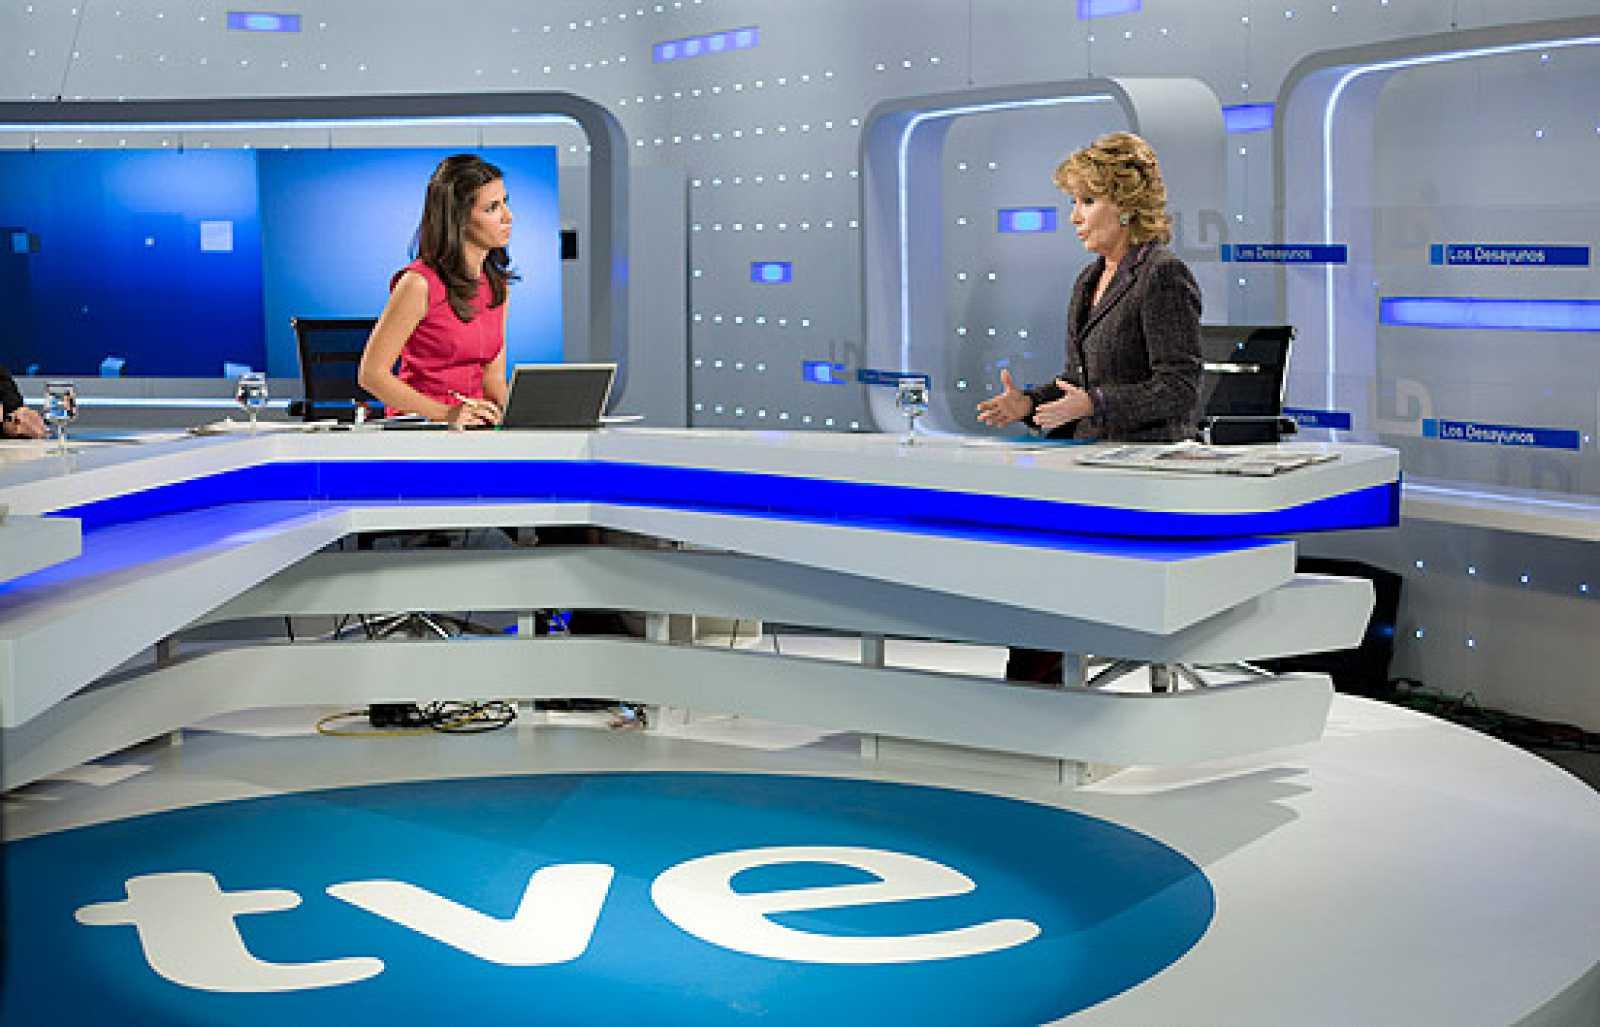 Entrevista íntegra de Aguirre en Los Desayunos (15/03/2010)